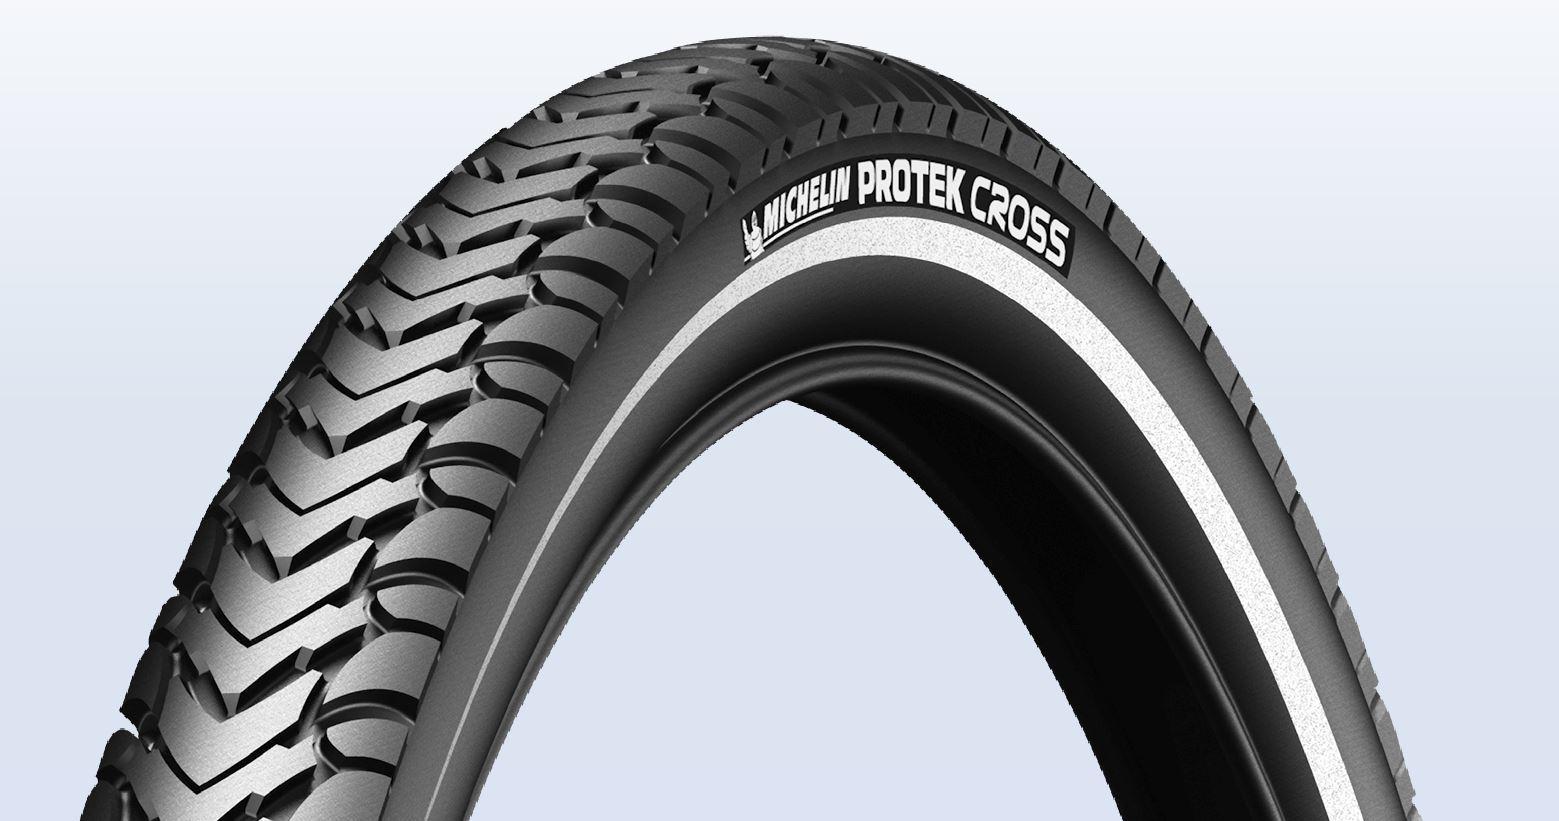 Plášť Michelin Protek Cross 37-622 černý s reflexním pruhem